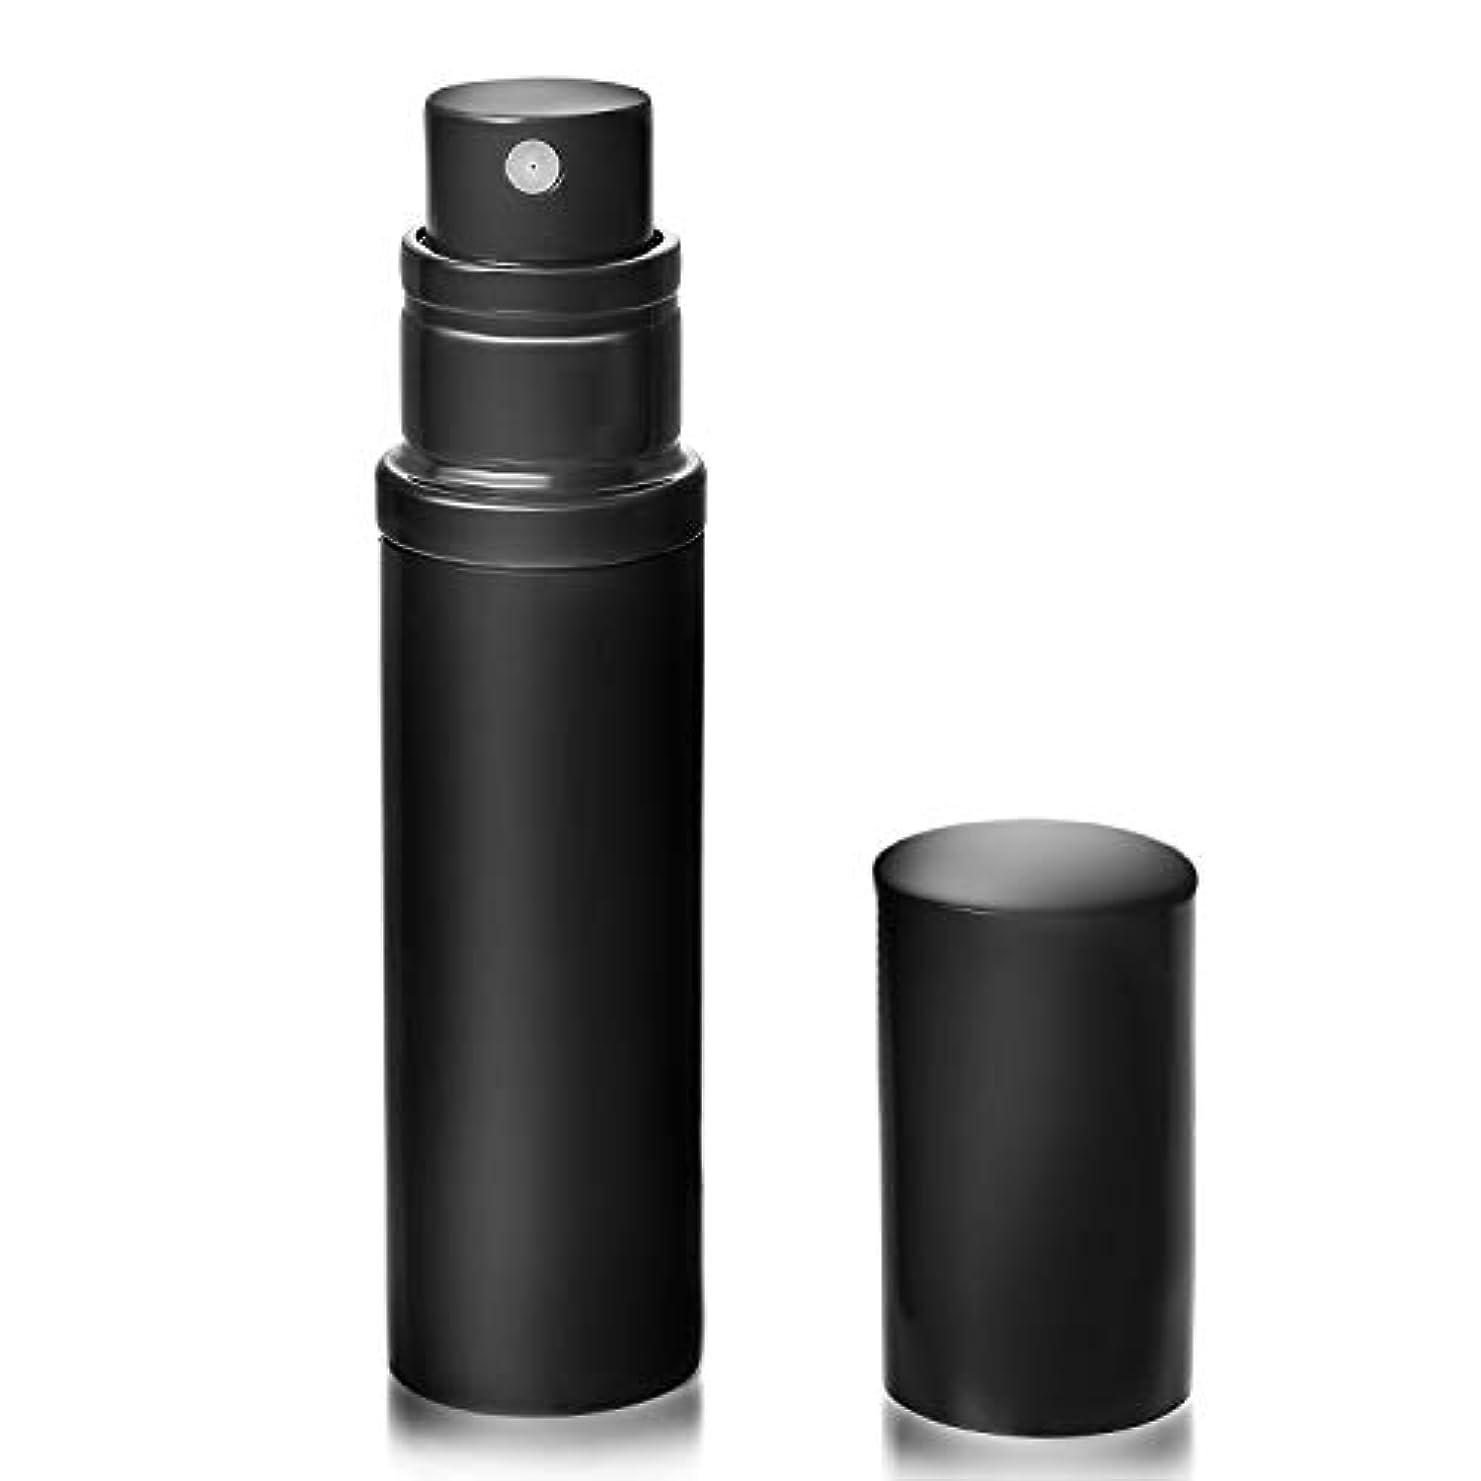 アトマイザ- 香水 クイックアトマイザー ワンタッチ 入れ物 簡単 持ち運び 詰め替え ポータブルクイック 容器 香水噴霧器 ブラック YOOMARO